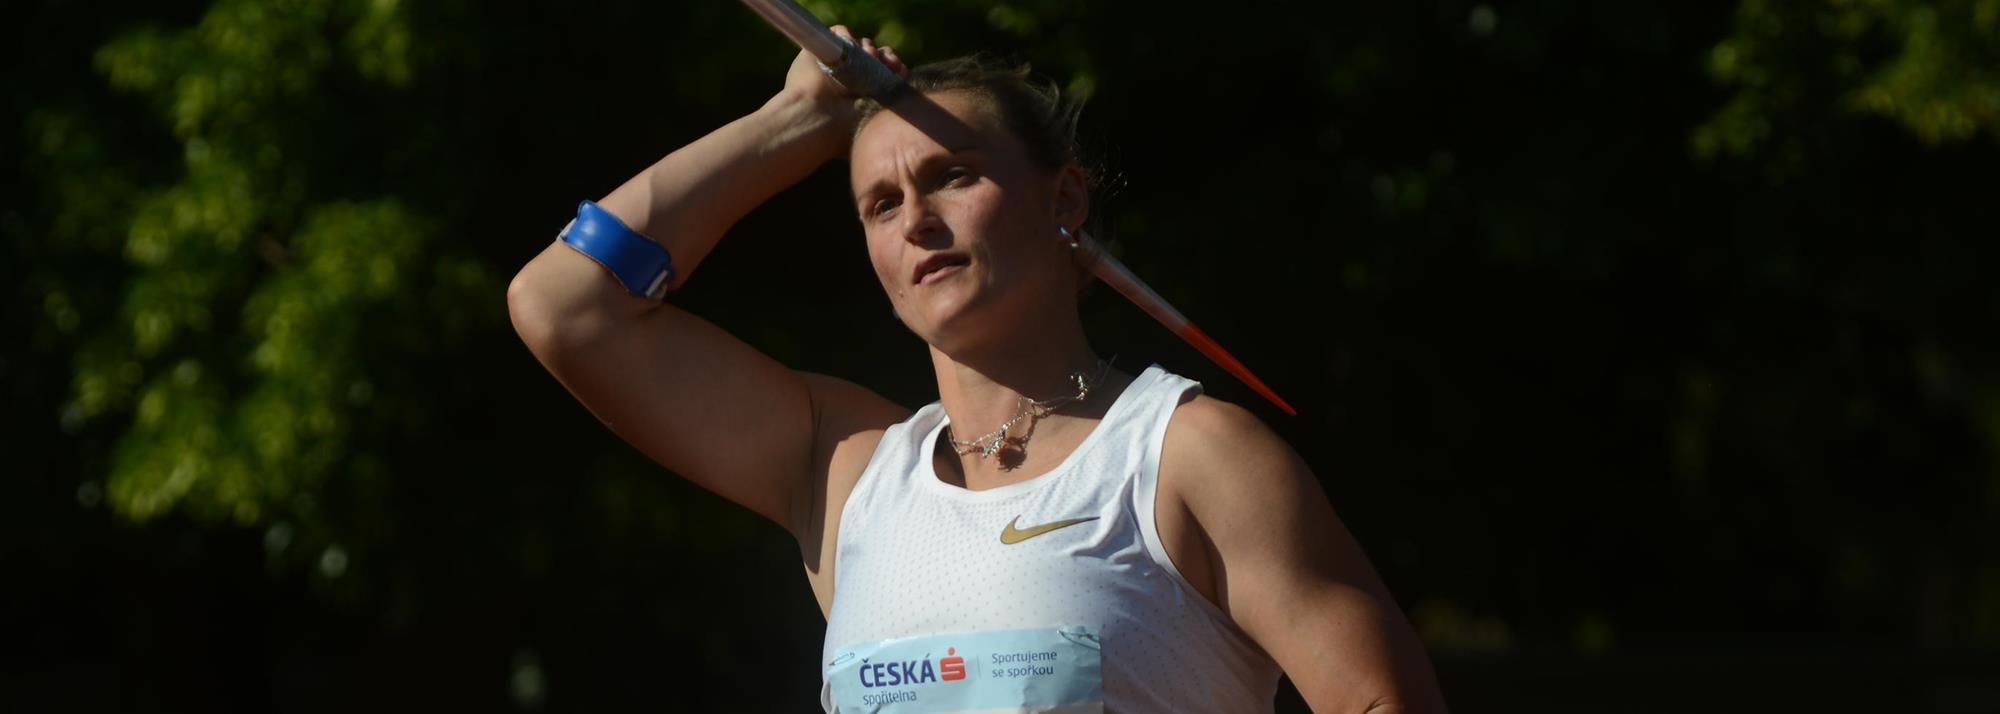 Leading Czech athletes prepare for Ostrava's Golden Spike